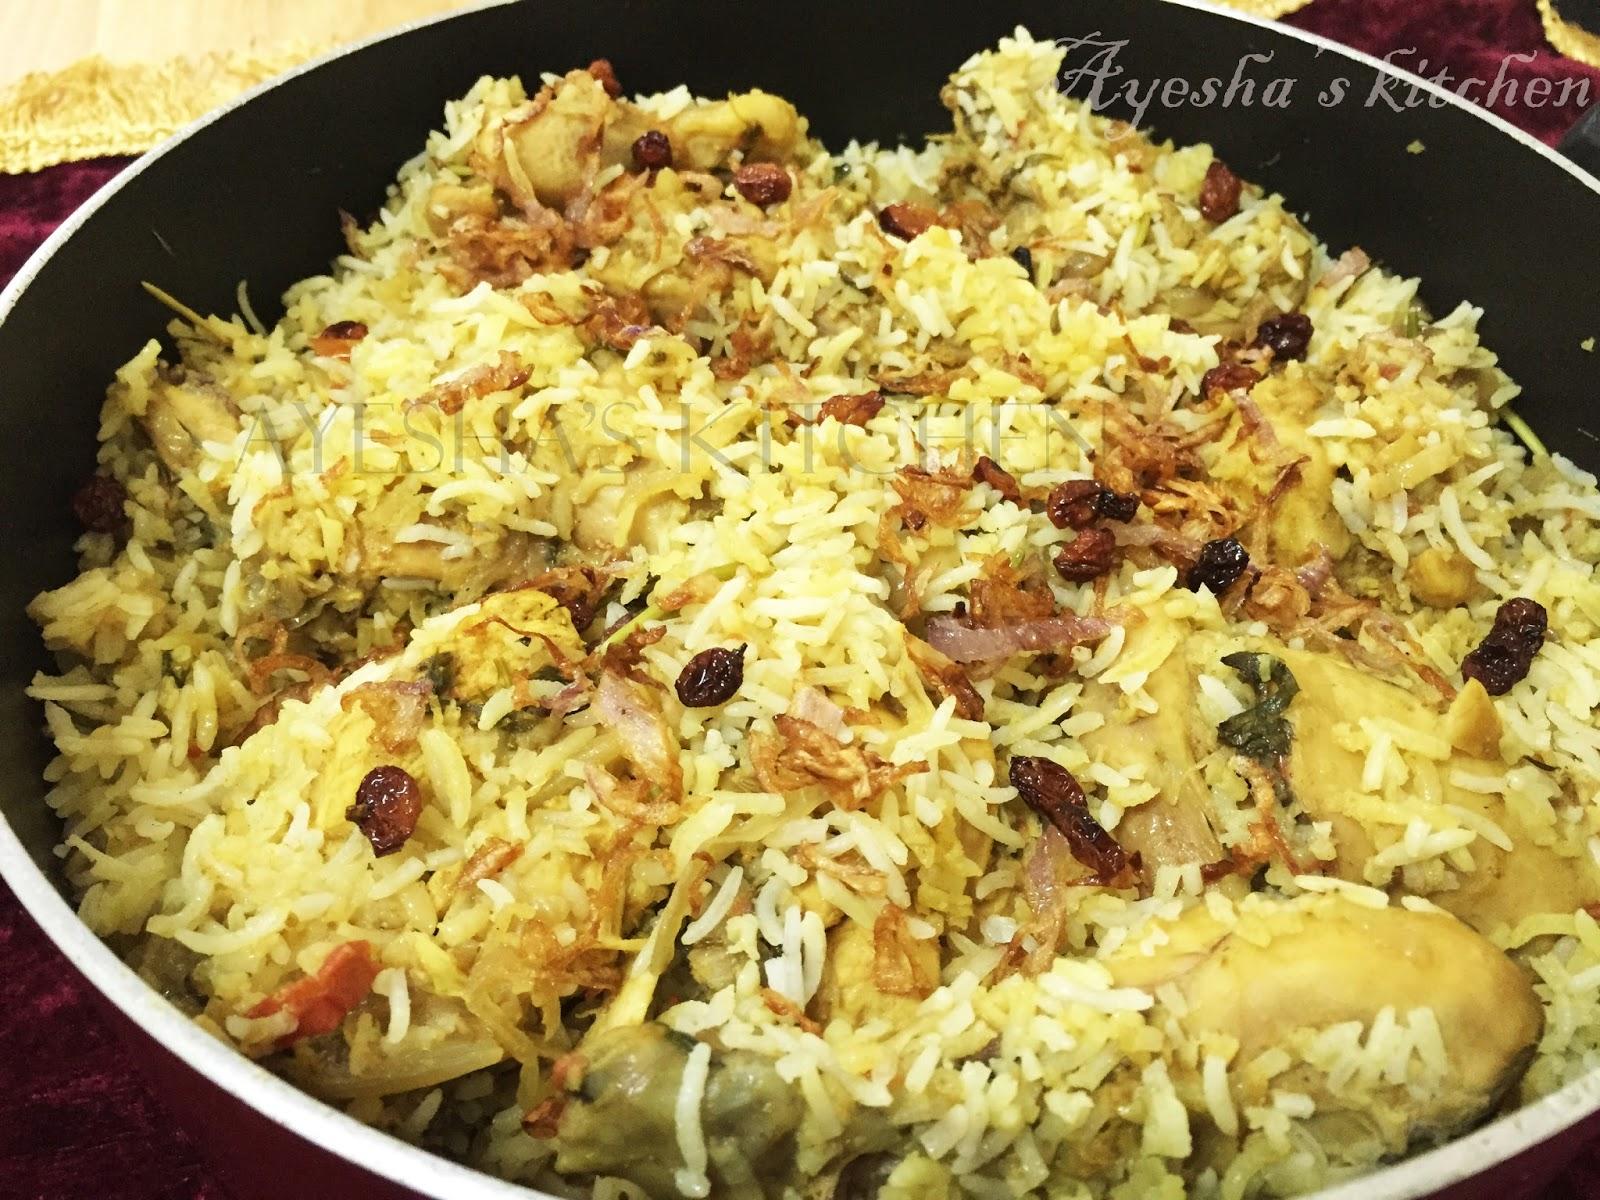 Chicken biryani kerala muslim style - photo#2